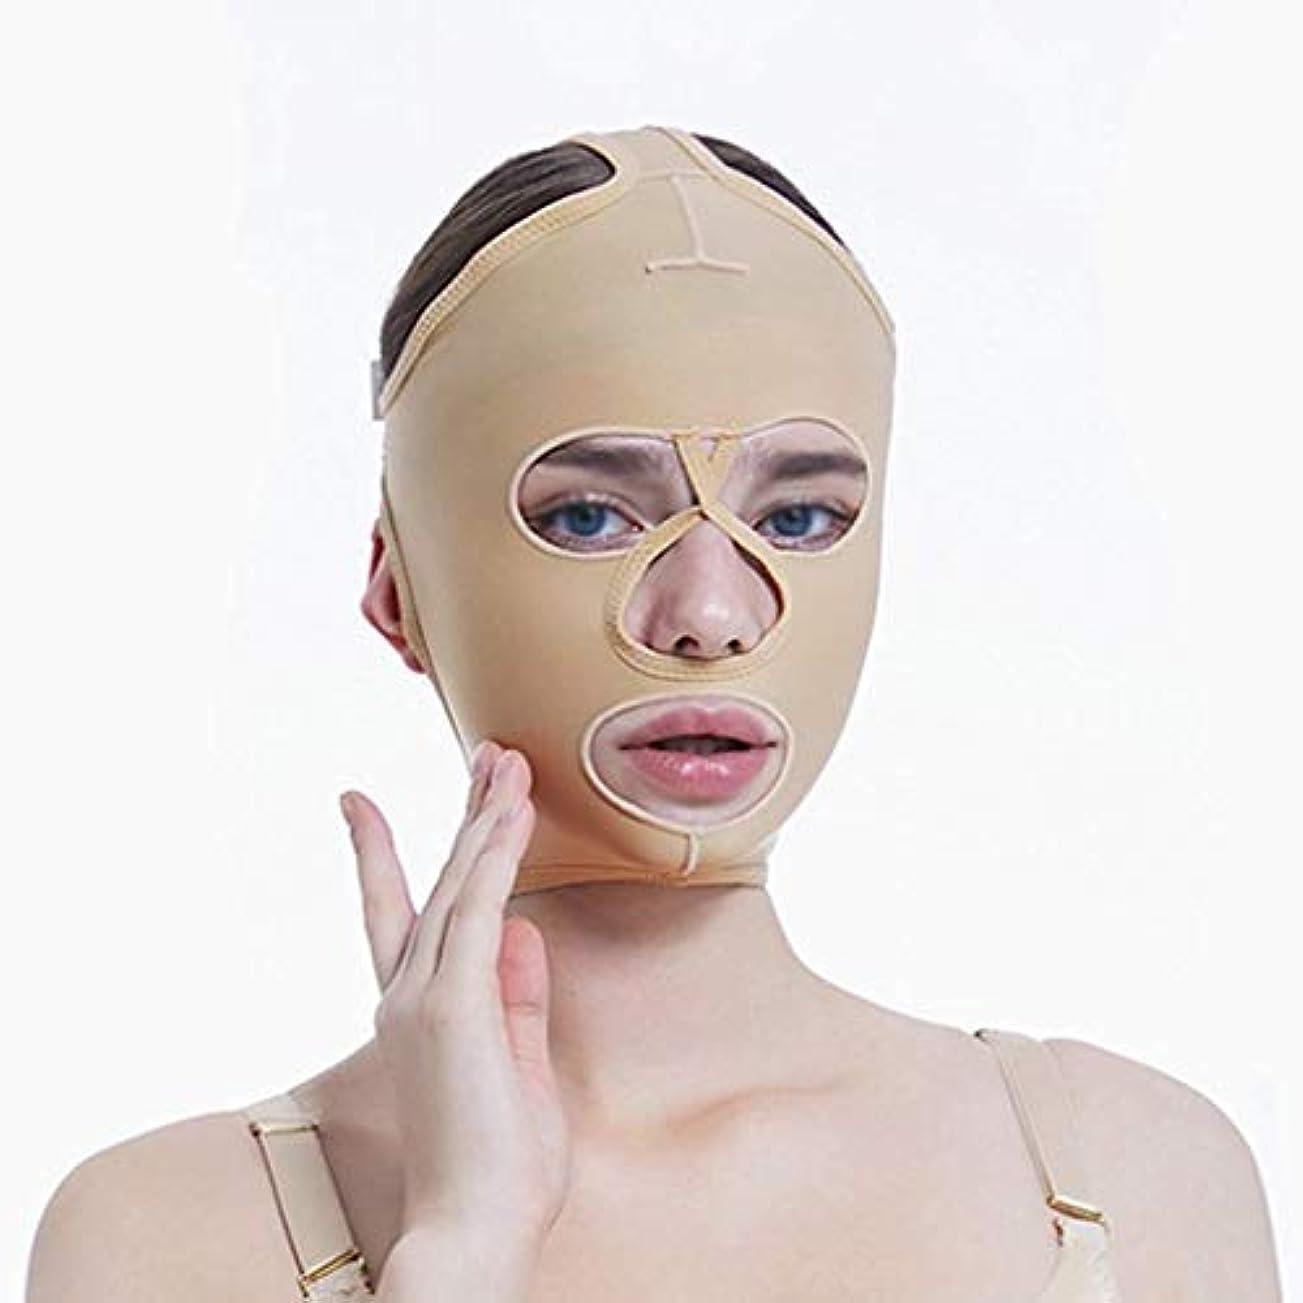 またはどちらかエジプト分HUYYA ファーミングストラップリフティングフェイスリフティング包帯、フェイスマスク V字ベルト補正ベルト ダブルチンヘルスケアスキンケアチン,Flesh_XX-Large